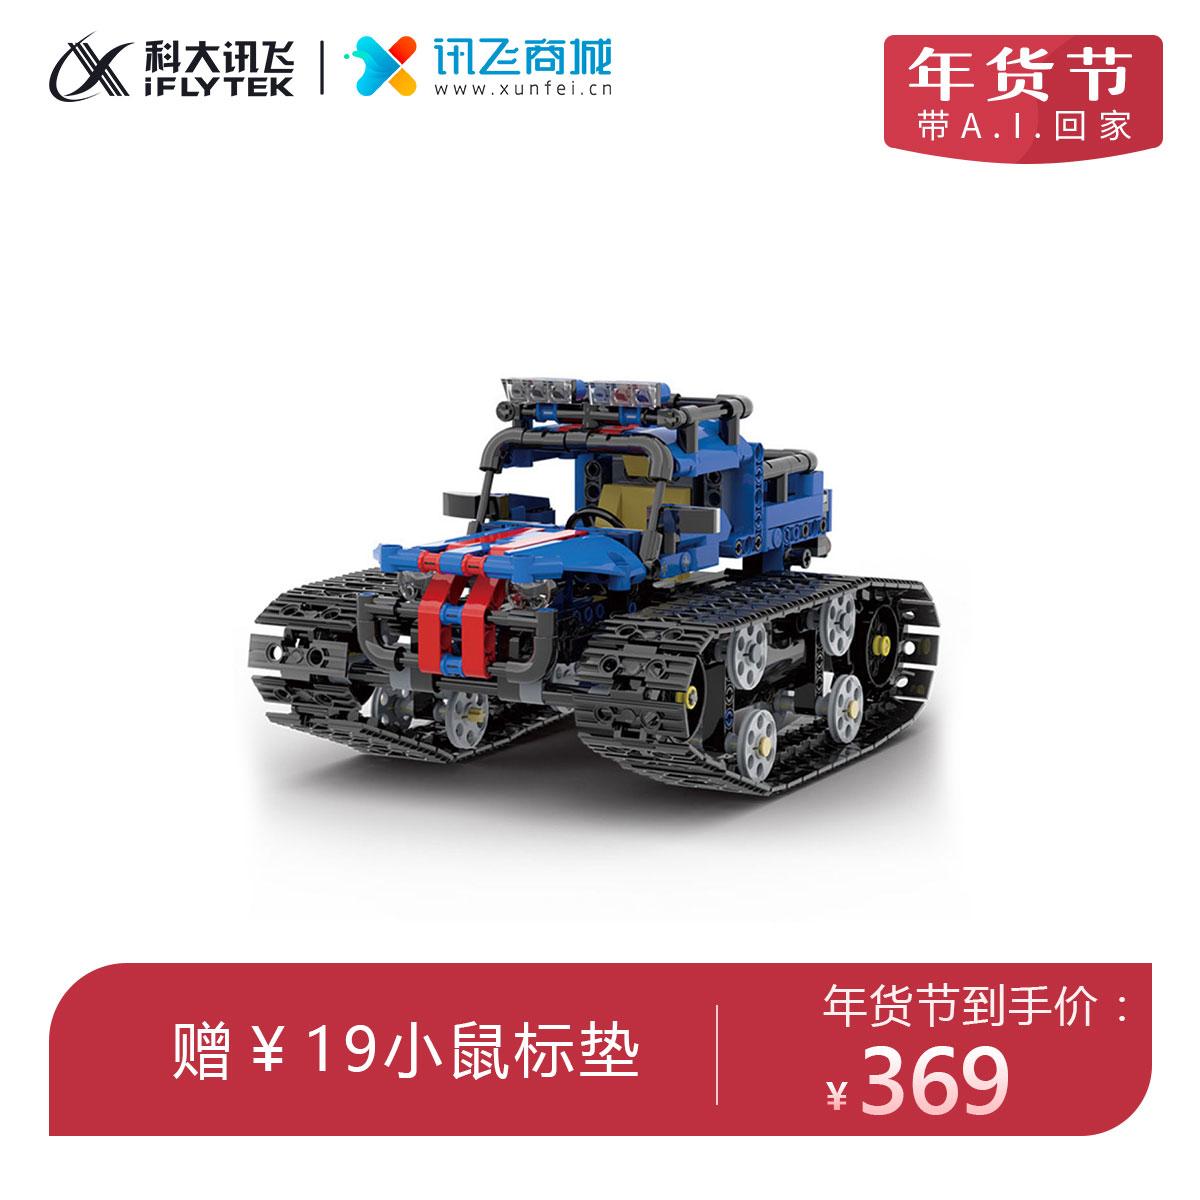 阿尔法蛋·编程机甲S1积木玩具【A.I.学习早教专场·年货节】